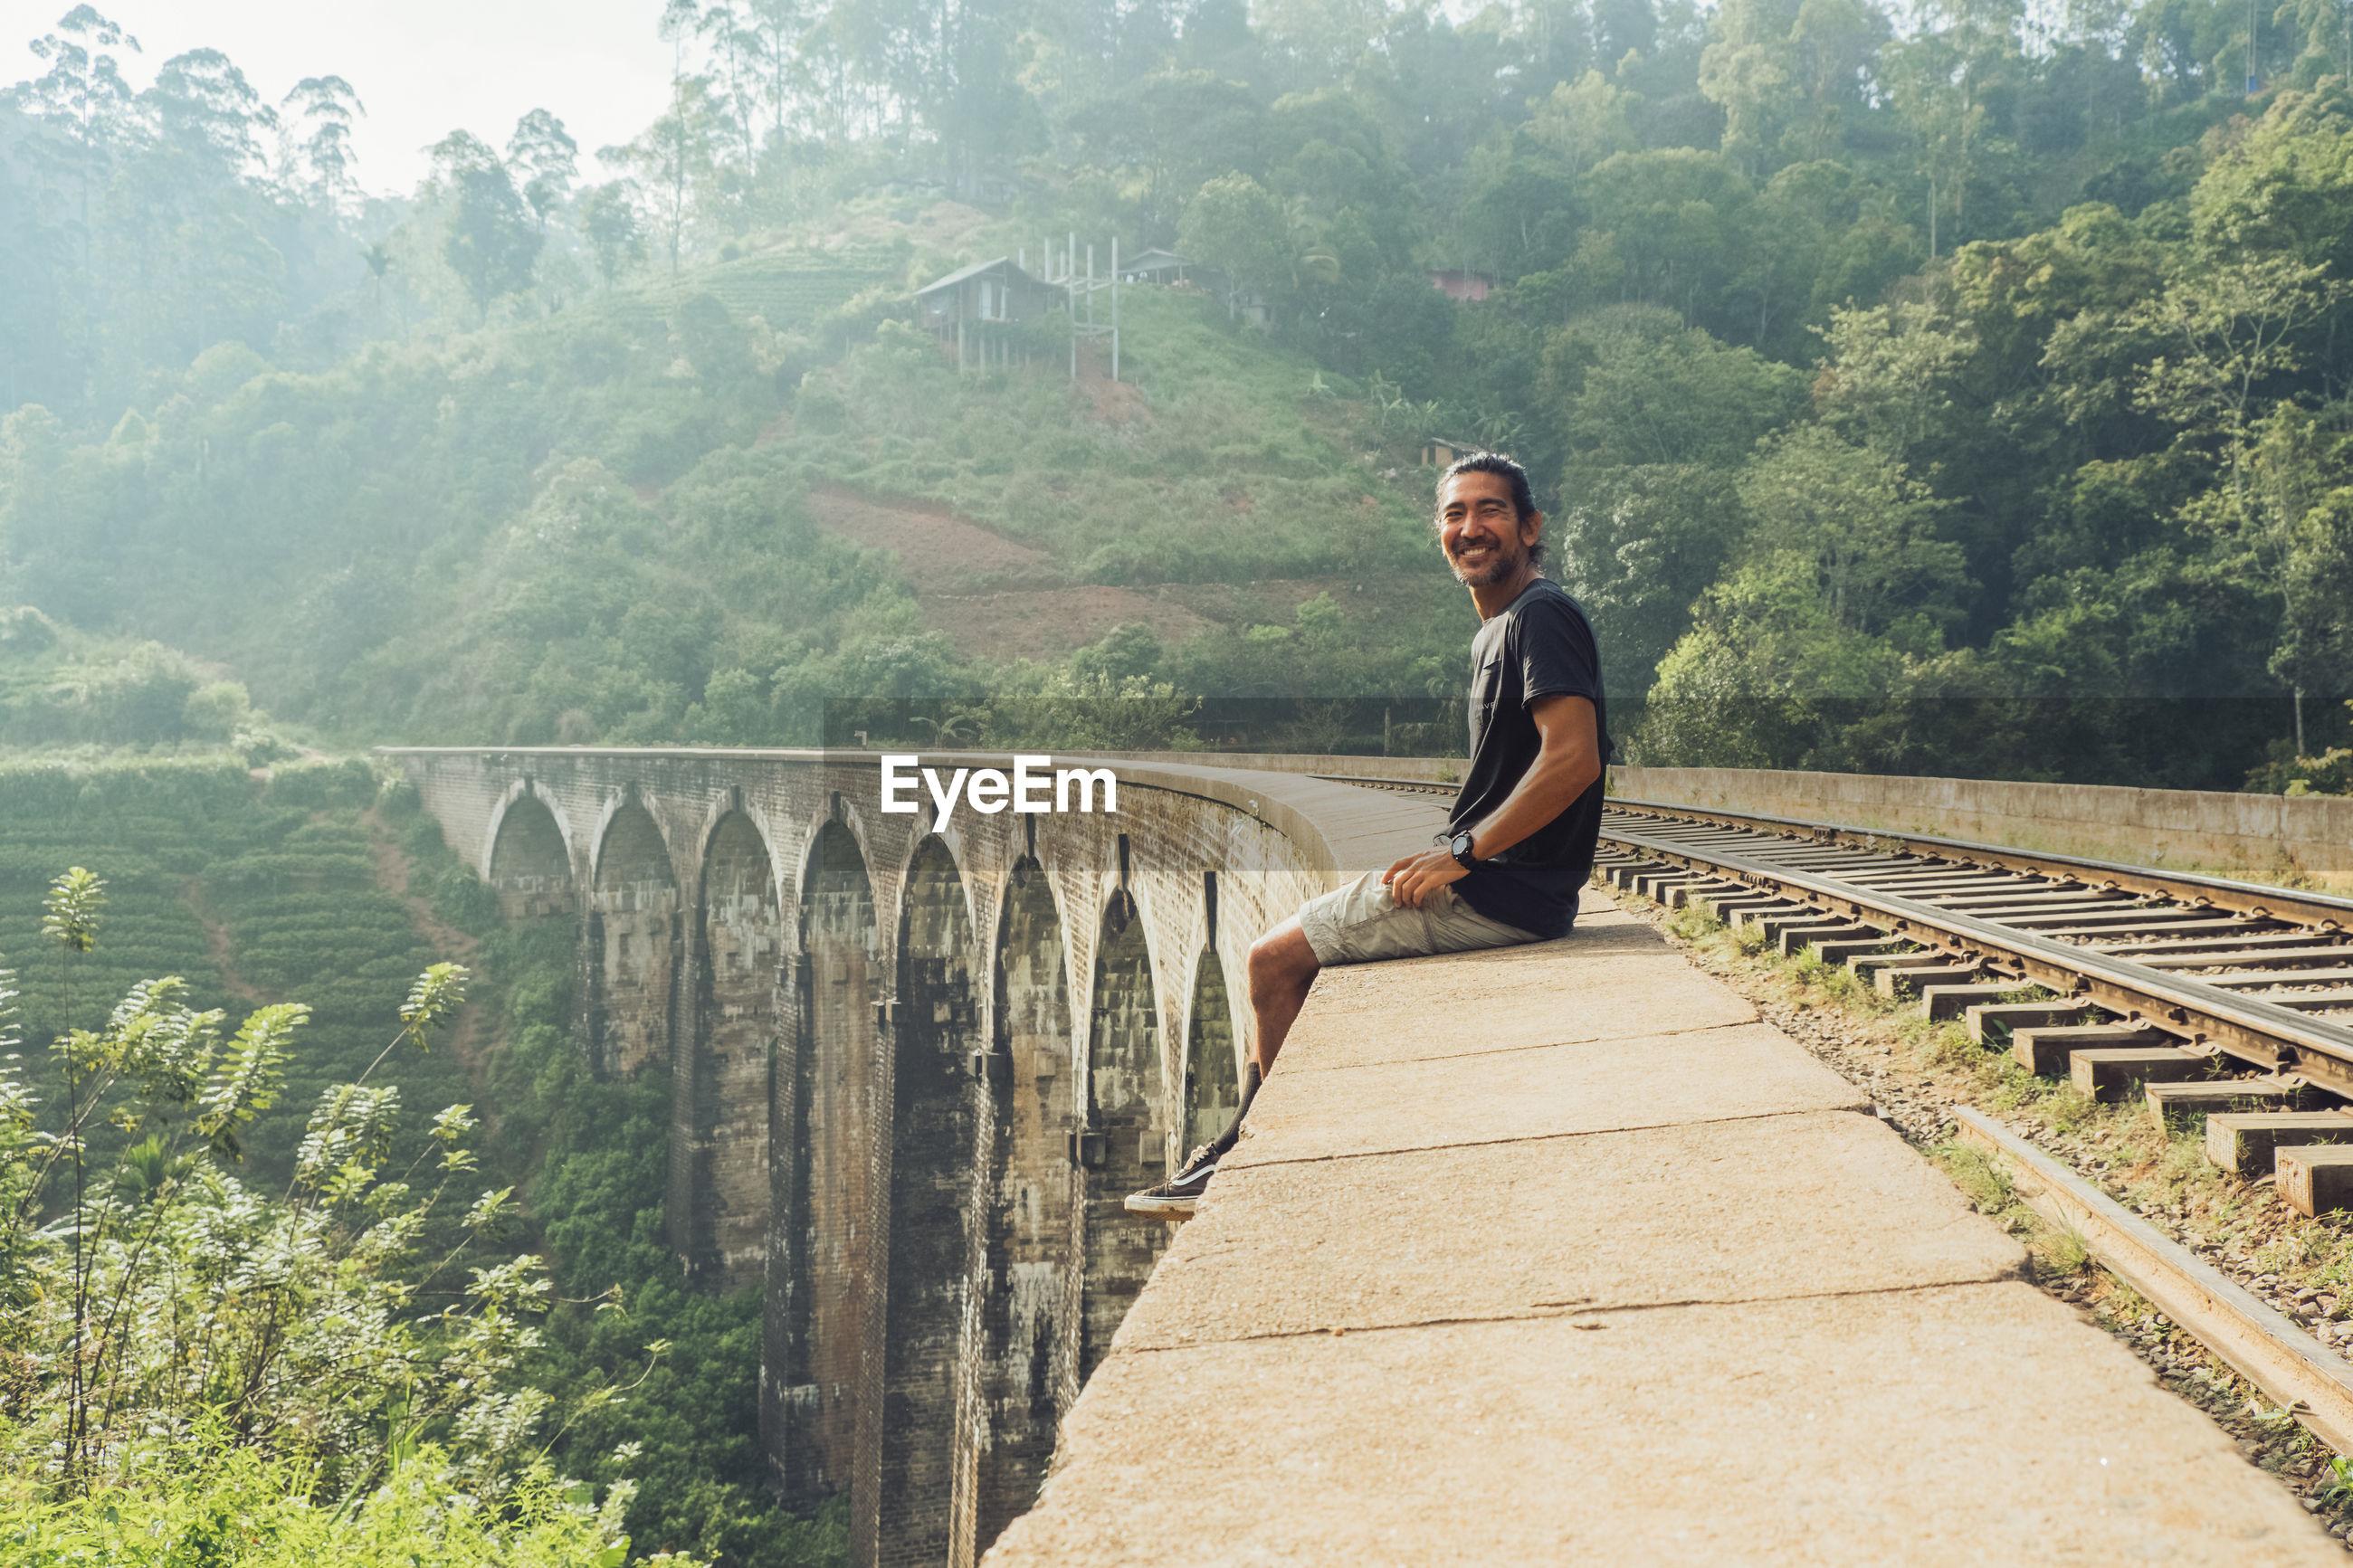 FULL LENGTH OF MAN ON BRIDGE AGAINST MOUNTAIN